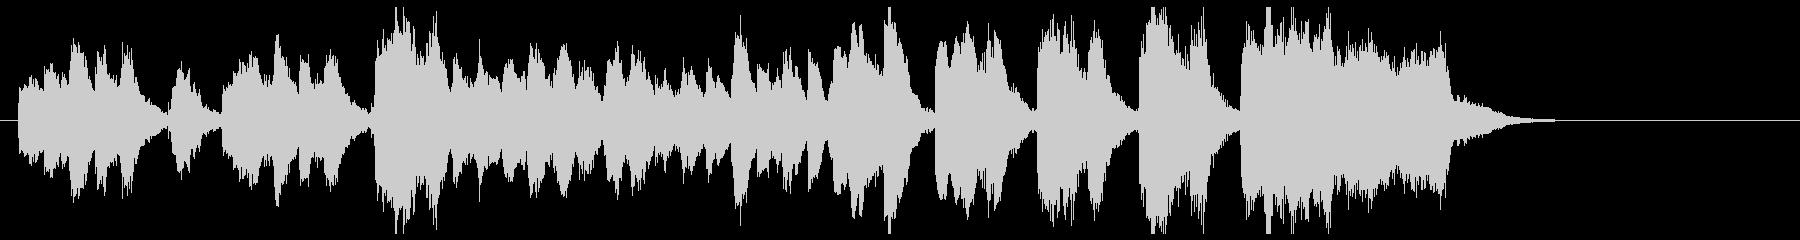 RPGなオーケストラサウンドの未再生の波形